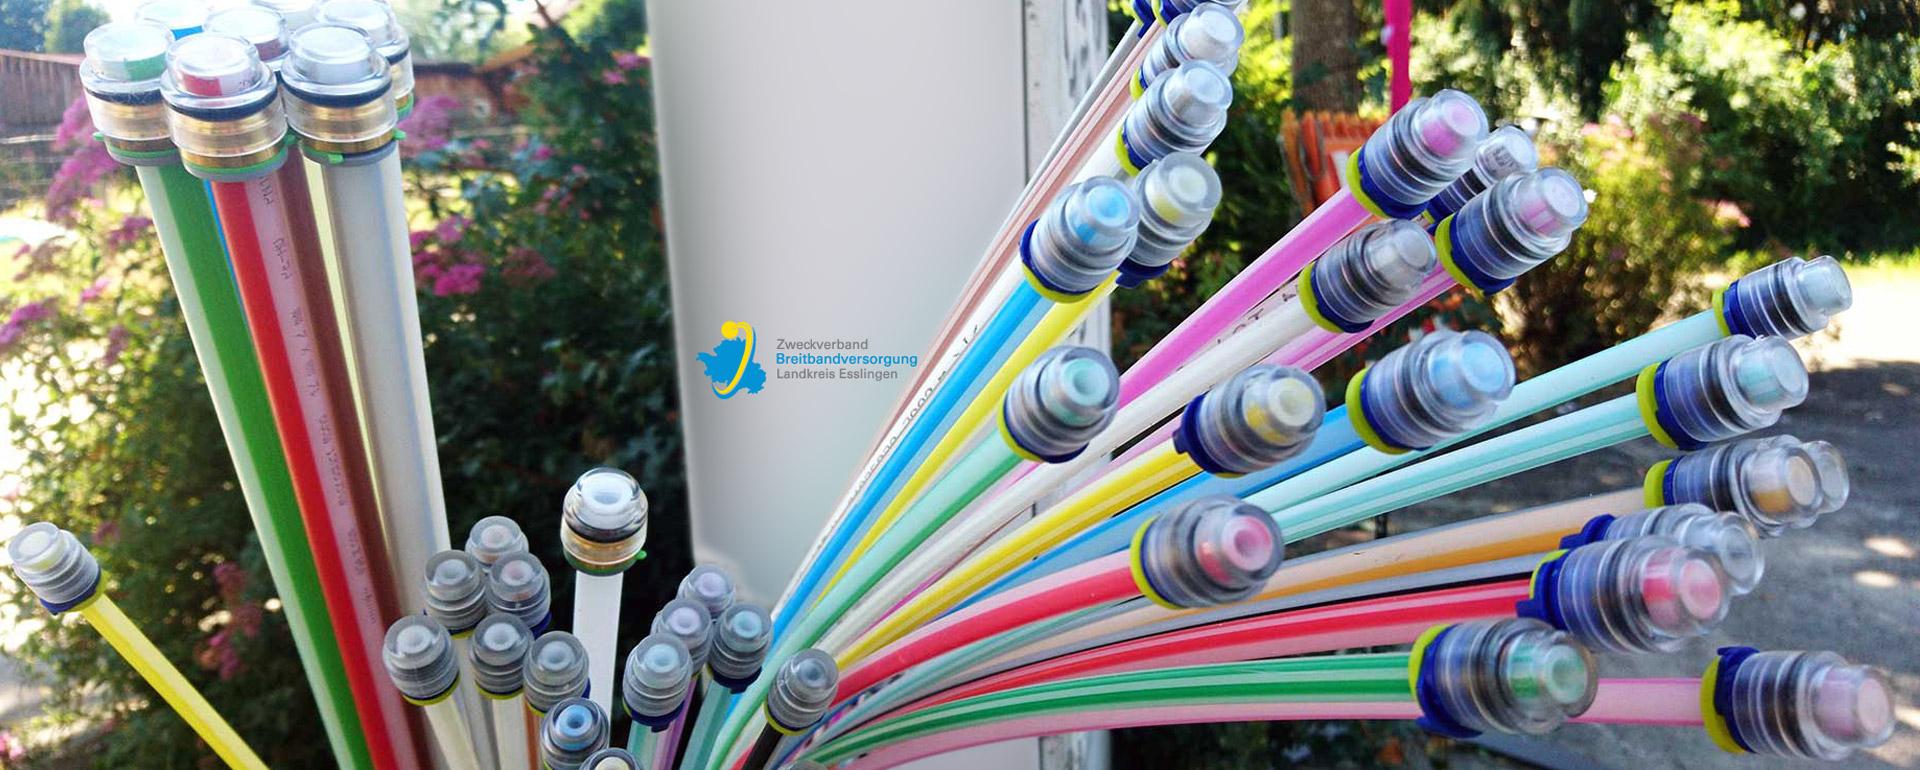 Breitbandversorgung im Landkreis Esslingen